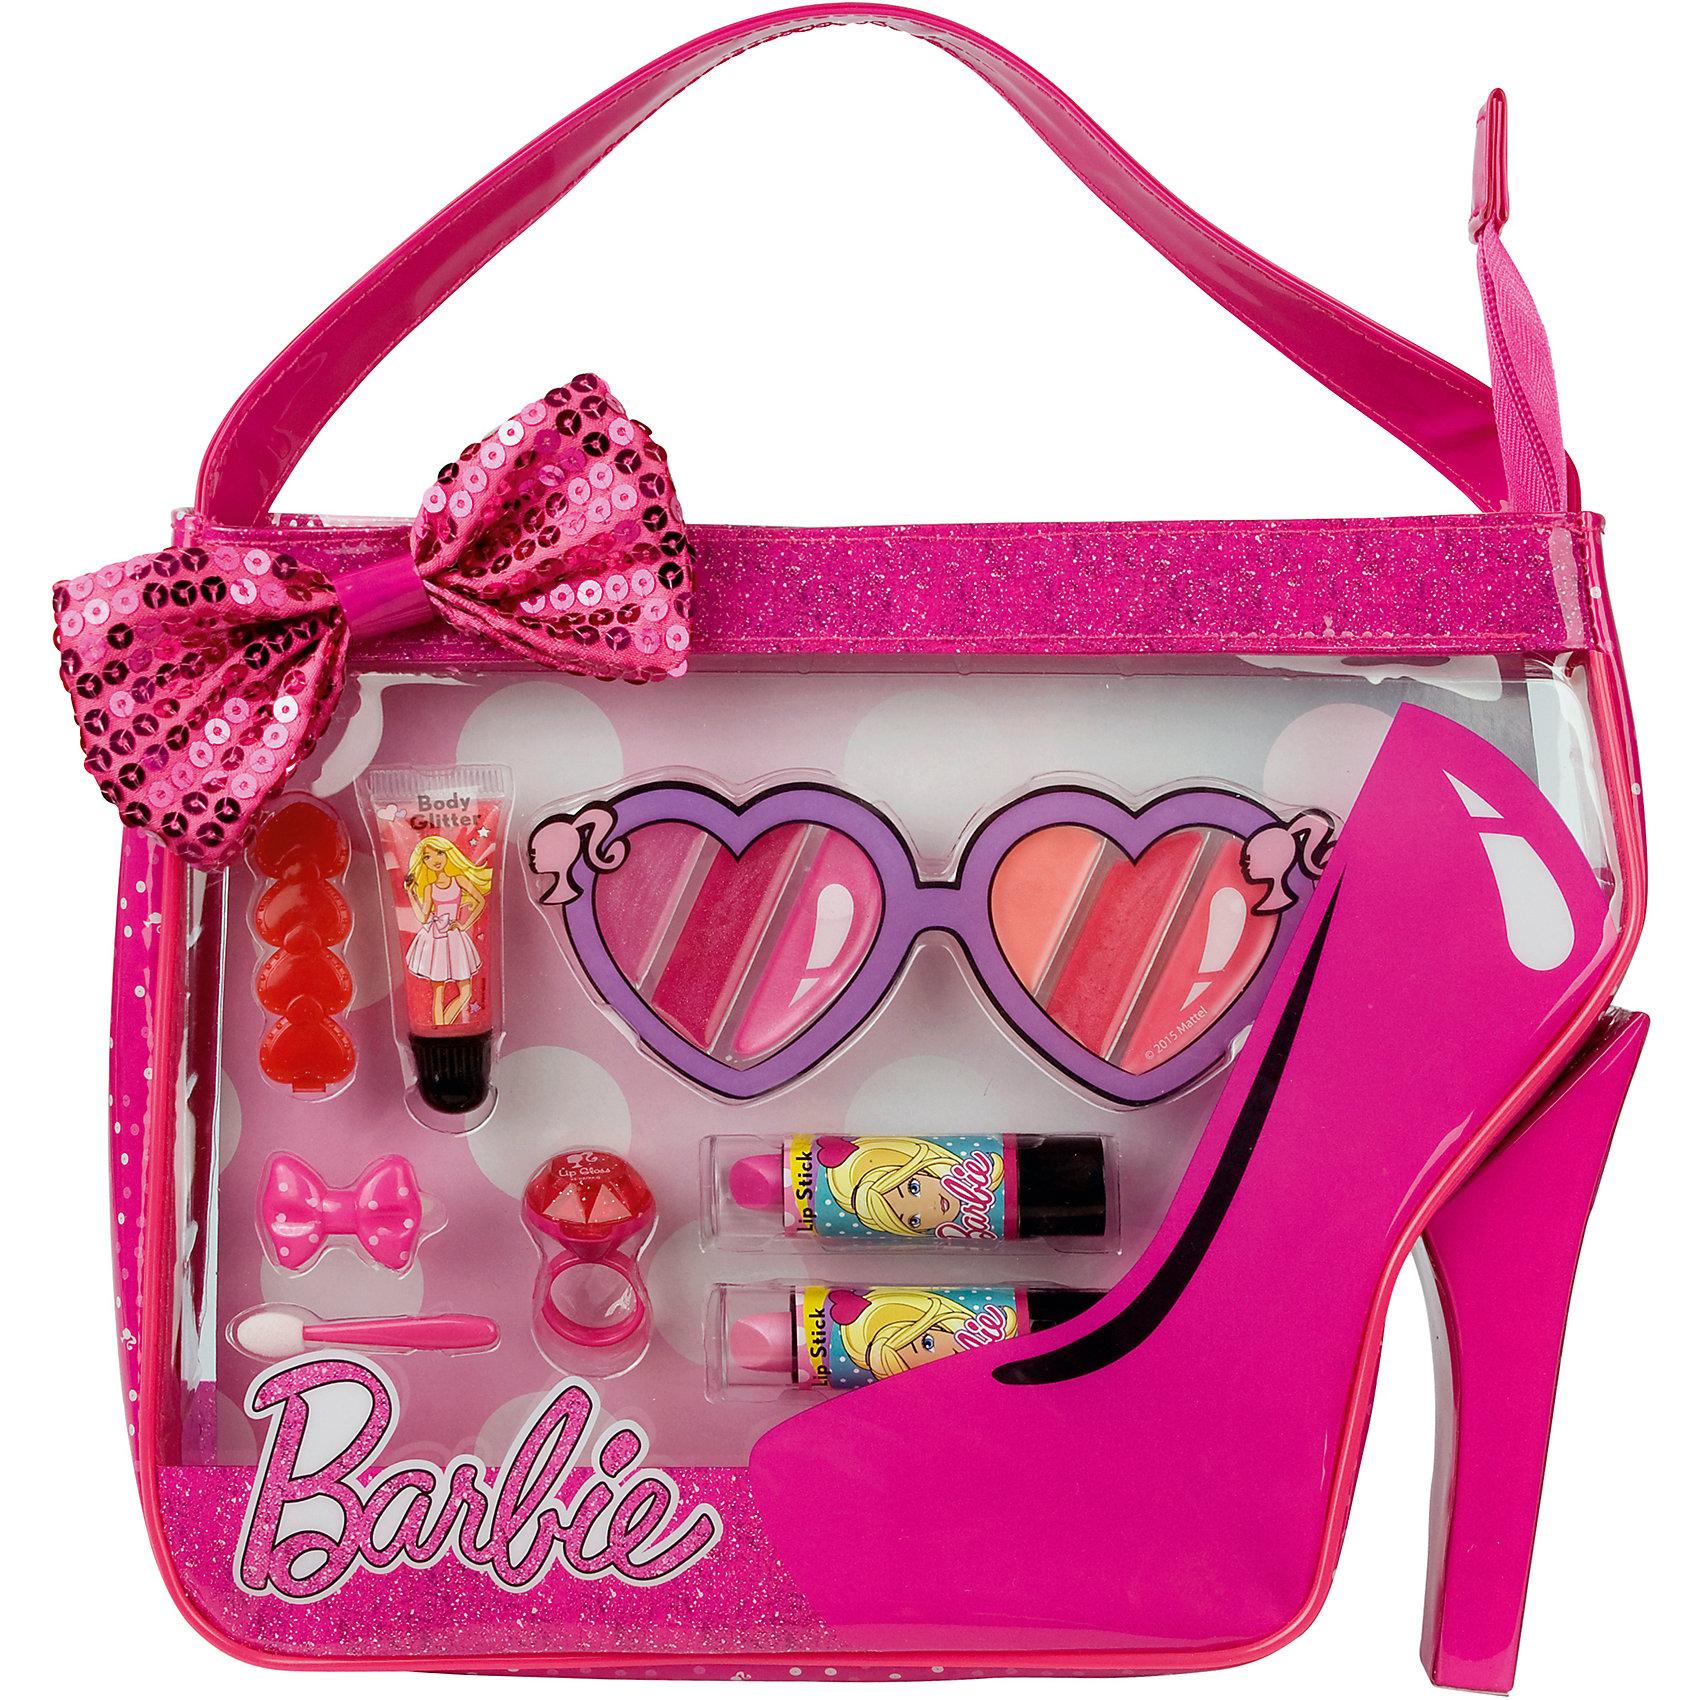 Набор детской косметики Барби в сумочкеХарактеристики:<br><br>• Наименование: детская декоративная косметика<br>• Предназначение: для сюжетно-ролевых игр<br>• Серия: Barbie<br>• Пол: для девочки<br>• Материал: натуральные косметические компоненты, пластик, текстиль<br>• Цвет: в ассортименте<br>• Комплектация: туба блеска для губ, блекс для губ в колечке, палитра блеска для губ из 6 оттенков, 2 губные помады, аппликатор, заколки для волос<br>• Размеры (Д*Ш*В): 30*26*6 см<br>• Вес: 210 г <br>• Упаковка: сумочка с текстильным бантом, ручкой <br><br>Игровой набор детской декоративной косметики в сумочке, Barbie – это набор игровой детской косметики от Markwins, которая вот уже несколько десятилетий специализируется на выпуске детской косметики. Рецептура декоративной детской косметики разработана совместно с косметологами и медиками, в основе рецептуры – водная основа, а потому она гипоаллергенны, не вызывает раздражений на детской коже и легко смывается, не оставляя следа. Безопасность продукции подтверждена международными сертификатами качества и безопасности. <br>Игровой набор детской декоративной косметики состоит из всех необходимых атрибутов для создания модного и стильного макияжа: палитры блеска для губ и губной помады, а также из заколок для волос для создания законченного образа. Косметические средства, входящие в состав набора, имеют длительный срок хранения – 12 месяцев. Набор выполнен в брендовом дизайне популярной серии Barbie, упакован в сумочку с ручкой и бантиком. Игровой набор детской декоративной косметики от Markwins может стать незаменимым праздничным подарком для любой маленькой модницы!<br><br>Игровой набор детской декоративной косметики в сумочке, Barbie можно купить в нашем интернет-магазине.<br><br>Ширина мм: 280<br>Глубина мм: 220<br>Высота мм: 50<br>Вес г: 298<br>Возраст от месяцев: 48<br>Возраст до месяцев: 120<br>Пол: Женский<br>Возраст: Детский<br>SKU: 5124701